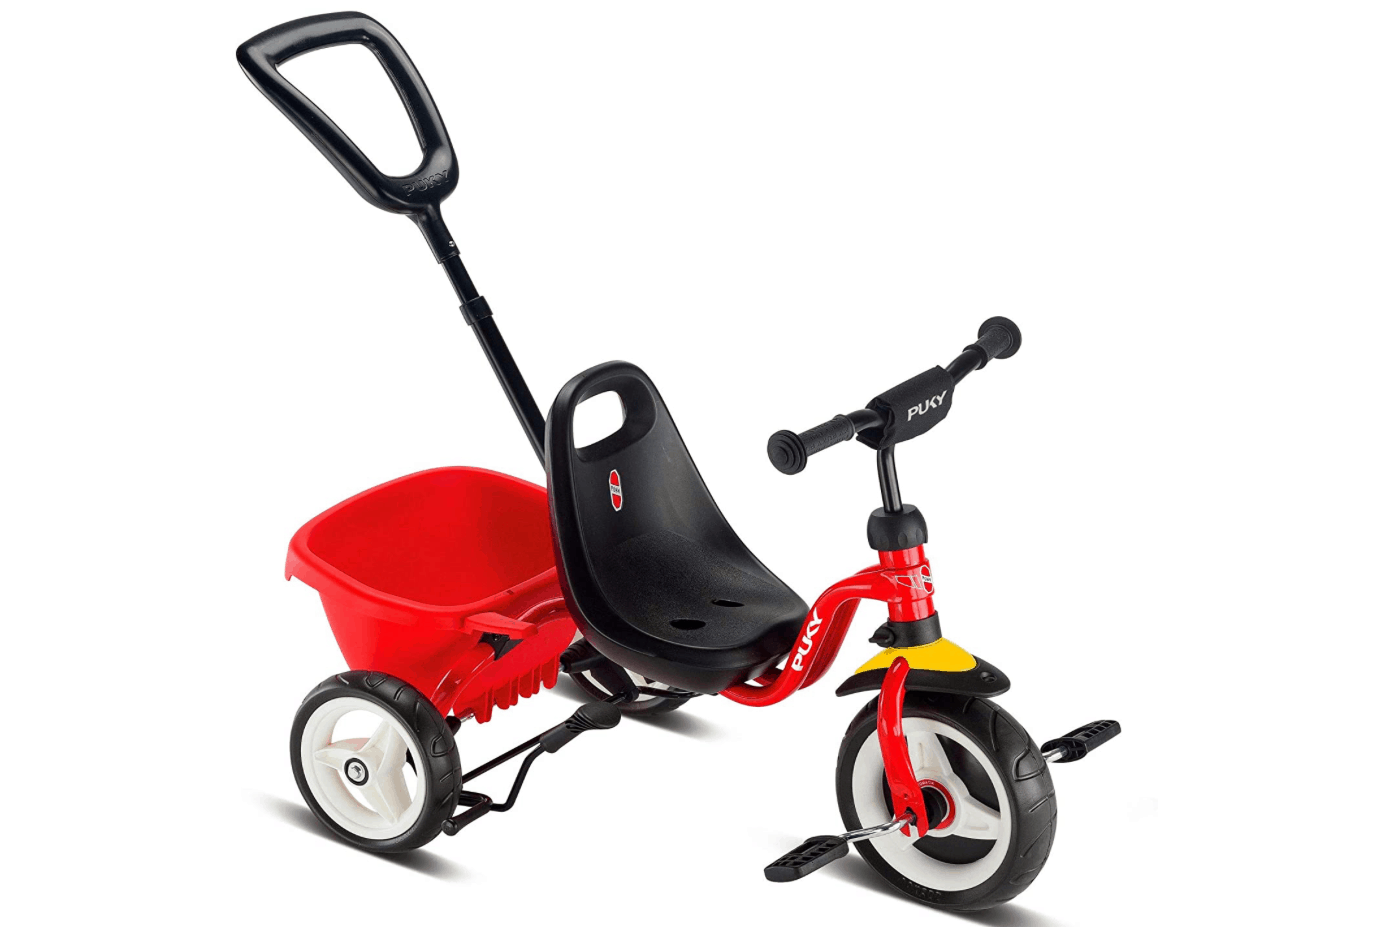 Dreirad mit Griff - Grobmotorik Definition